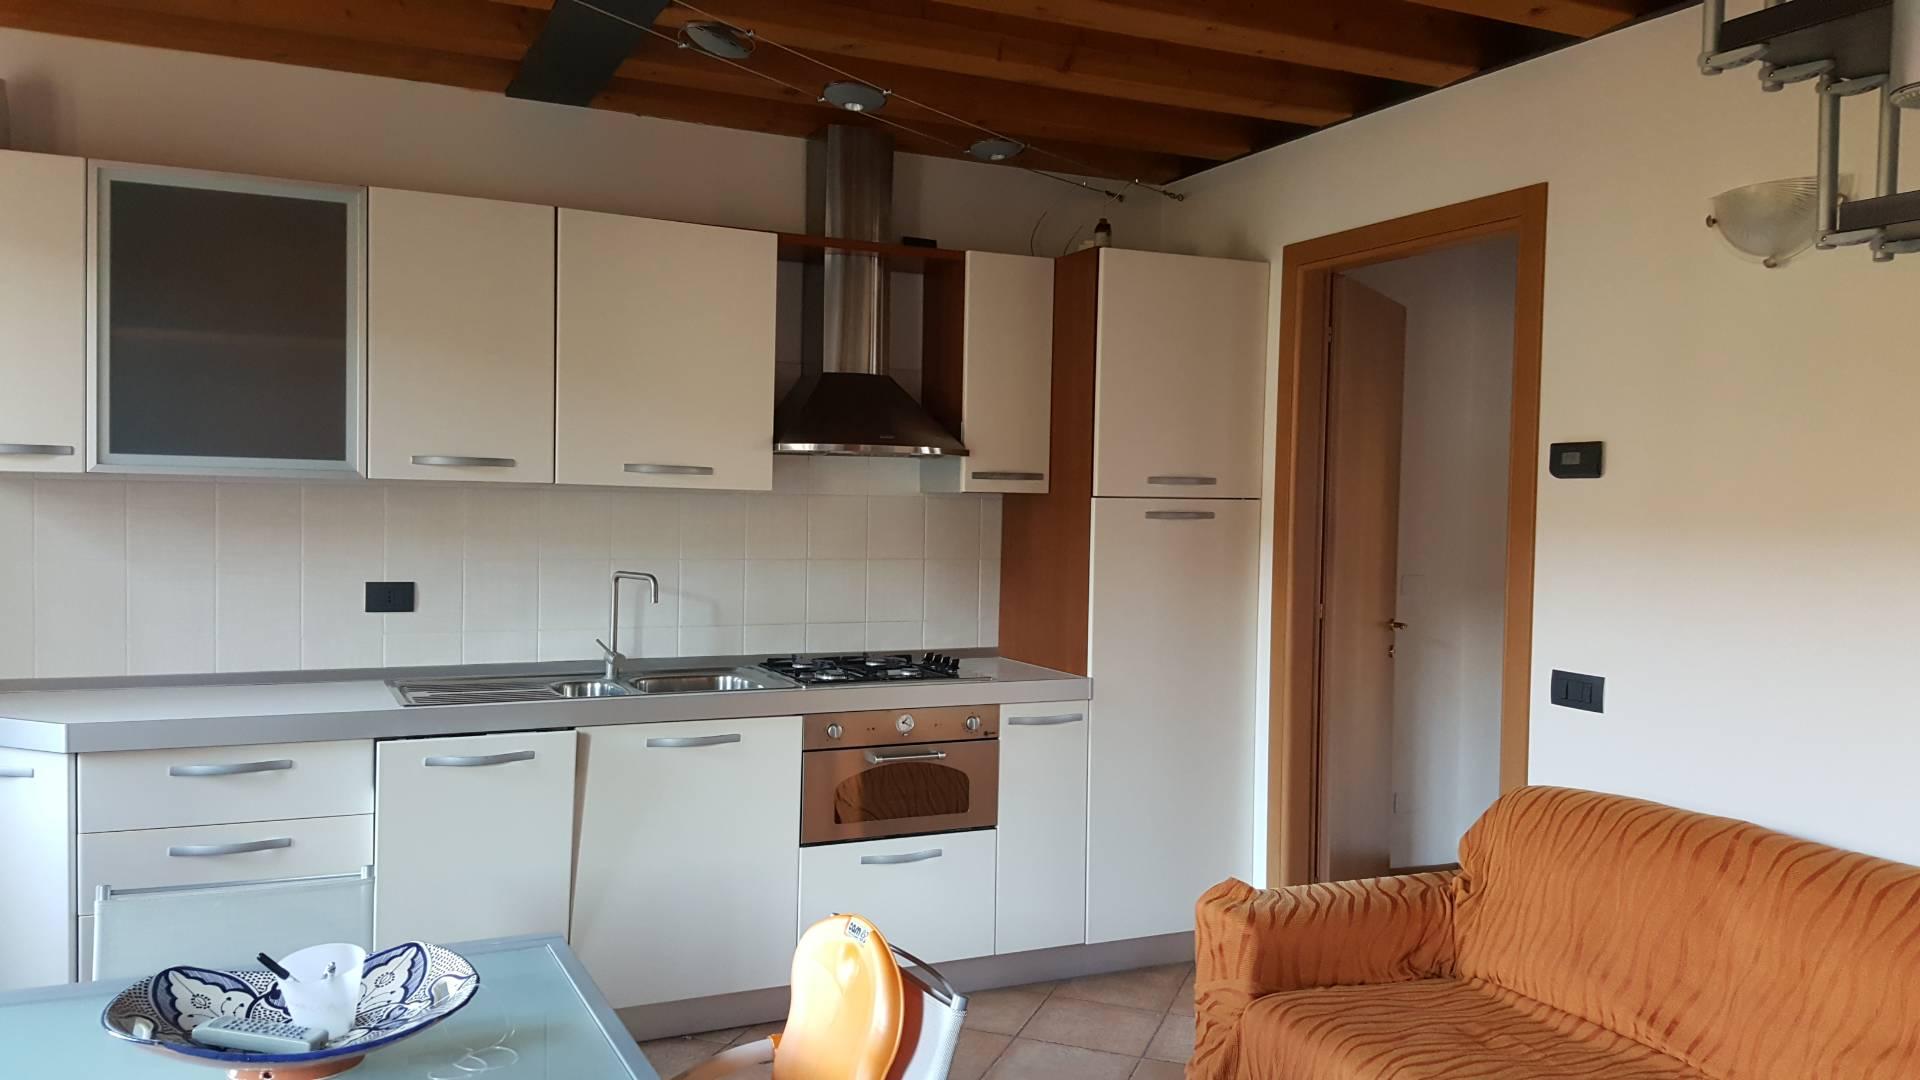 Appartamento in vendita a Soave, 3 locali, prezzo € 138.000 | CambioCasa.it